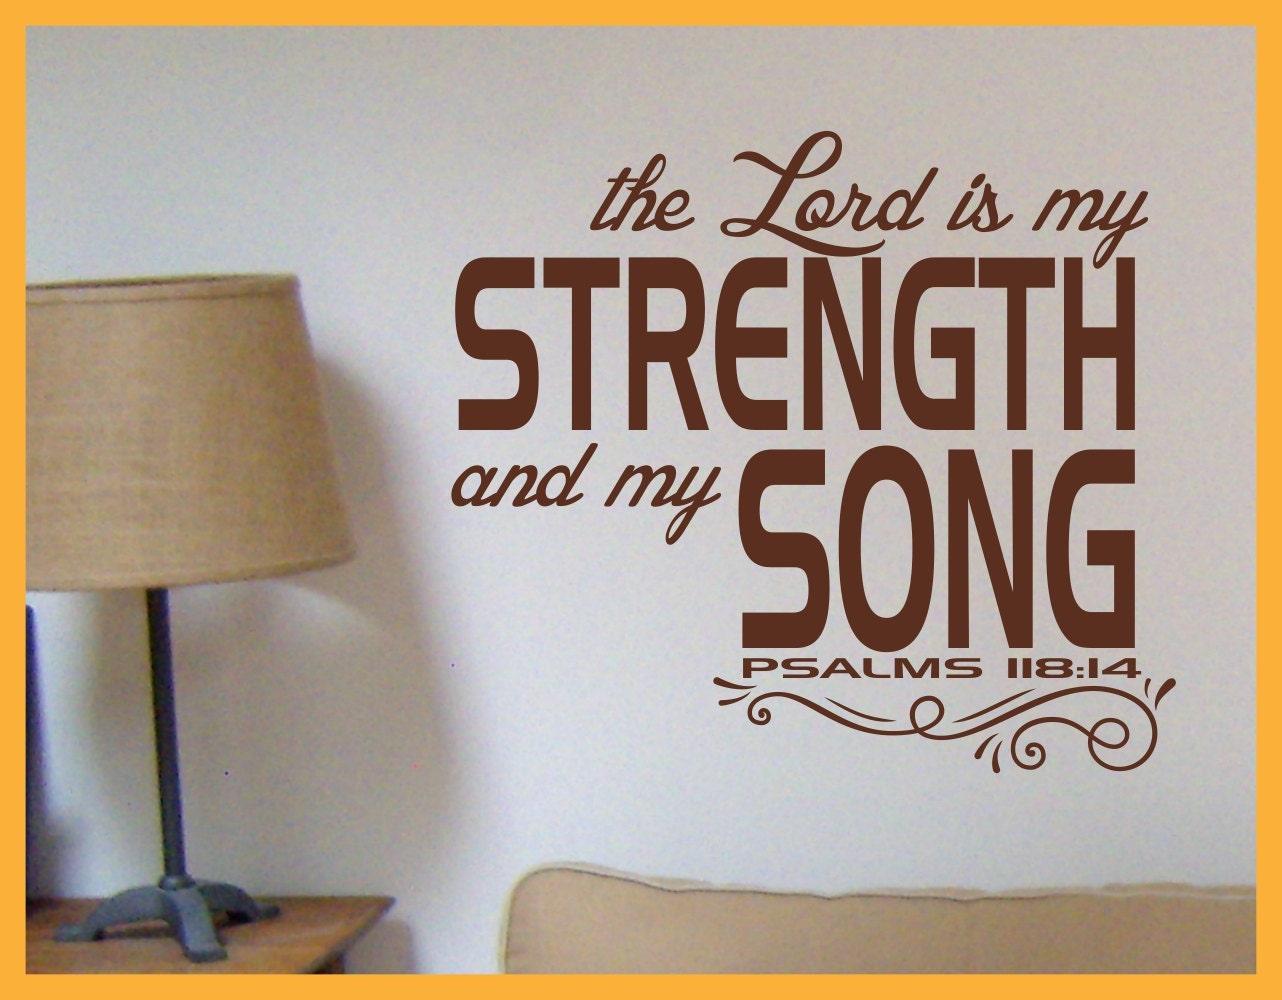 El Señor es mi fuerza y mi canción 118:14 Salmos Antiguo | Etsy